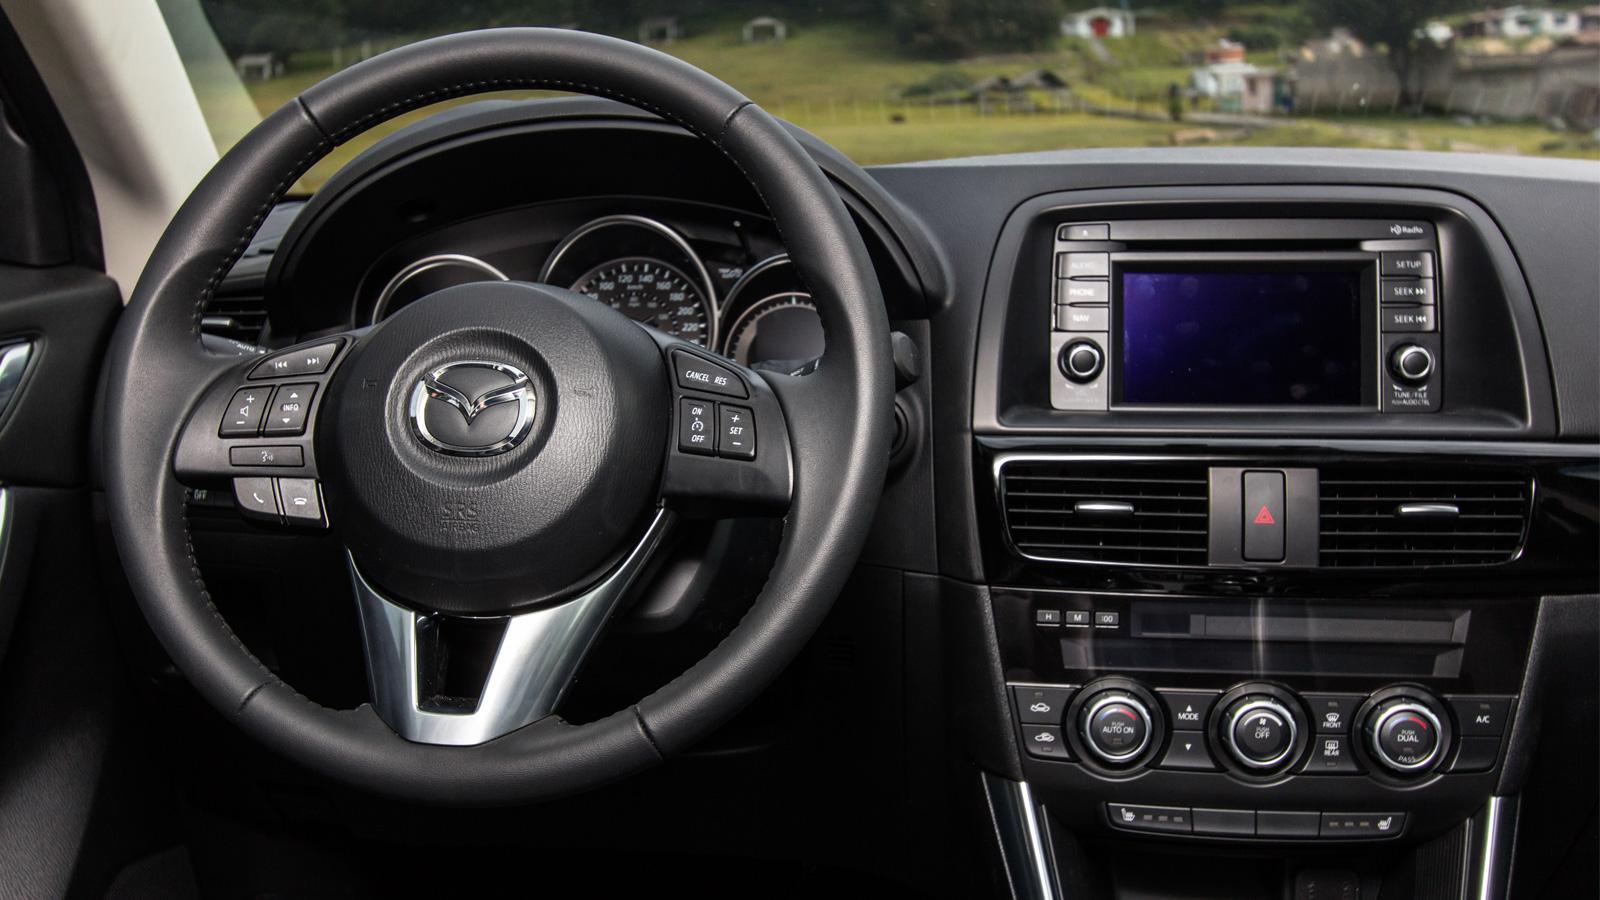 Mazda Cx 5 2014 Llega A M 233 Xico Desde 319 900 Pesos